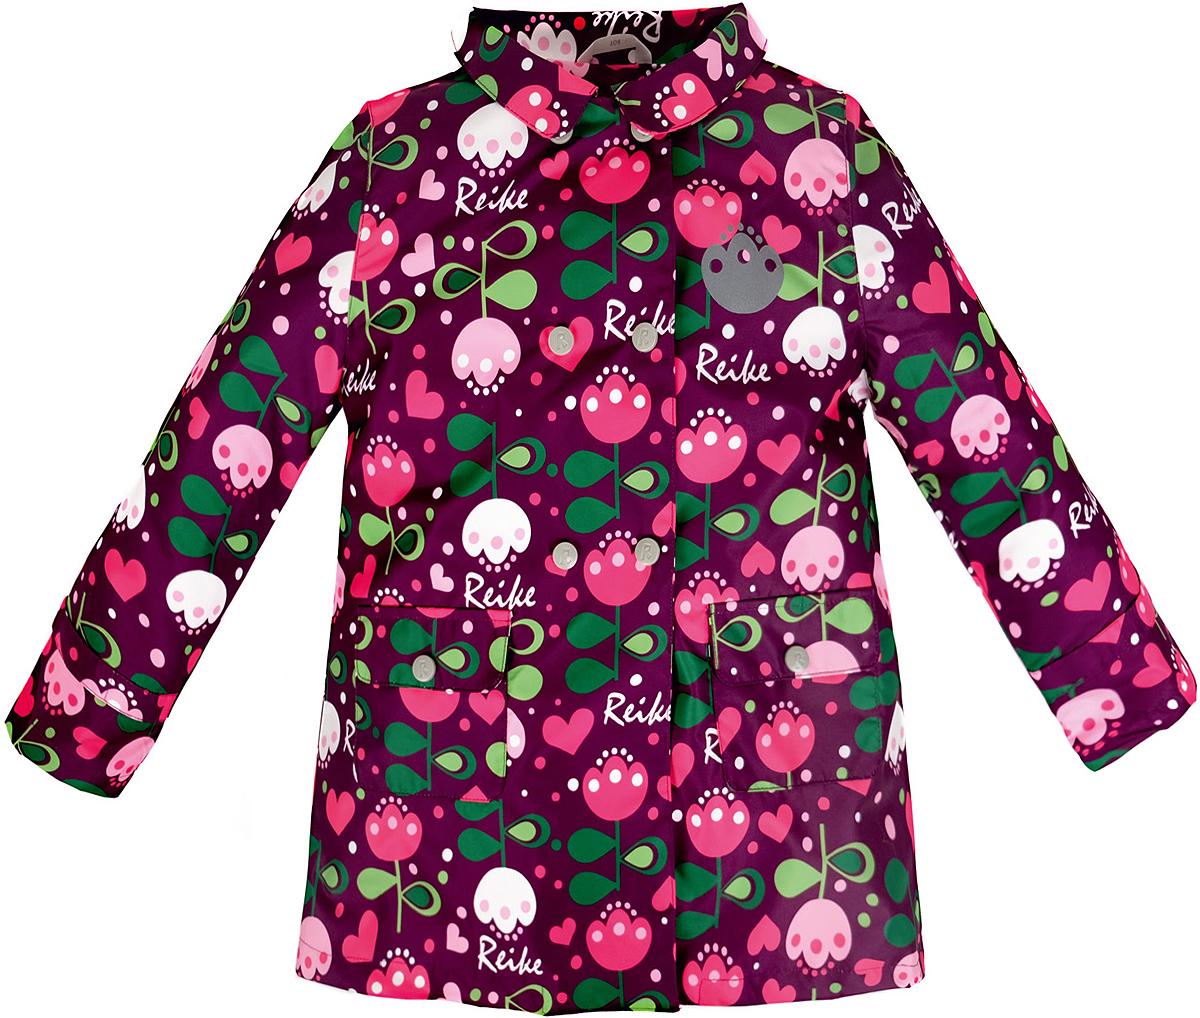 Куртка для девочки Reike Тюльпан, цвет: бордовый. 36939003. Размер 116, 6 лет36 939 003_Tulip bordeauxСтильная куртка для девочки Reike Тюльпан выполнена из ветрозащитного, водоотталкивающего и дышащего материала с подкладкой из микрофлиса, обеспечивающей дополнительный комфорт. Расклешенная модель в ретро-стиле выполнена с имитацией двубортной застежки на кнопках и дополнена двумя накладными карманами с клапанами. В виде интересного акцента выступают отложной воротник, ремешки на рукавах и складка на спинке. Изделие оснащено светоотражающим элементоми оформлено ярким цветочным принтом в стиле серии. Особенности изделия:- базовый уровень; - коэффициент воздухопроницаемости: 2000гр/м2/24 ч;- водоотталкивающее покрытие: 2000 мм.